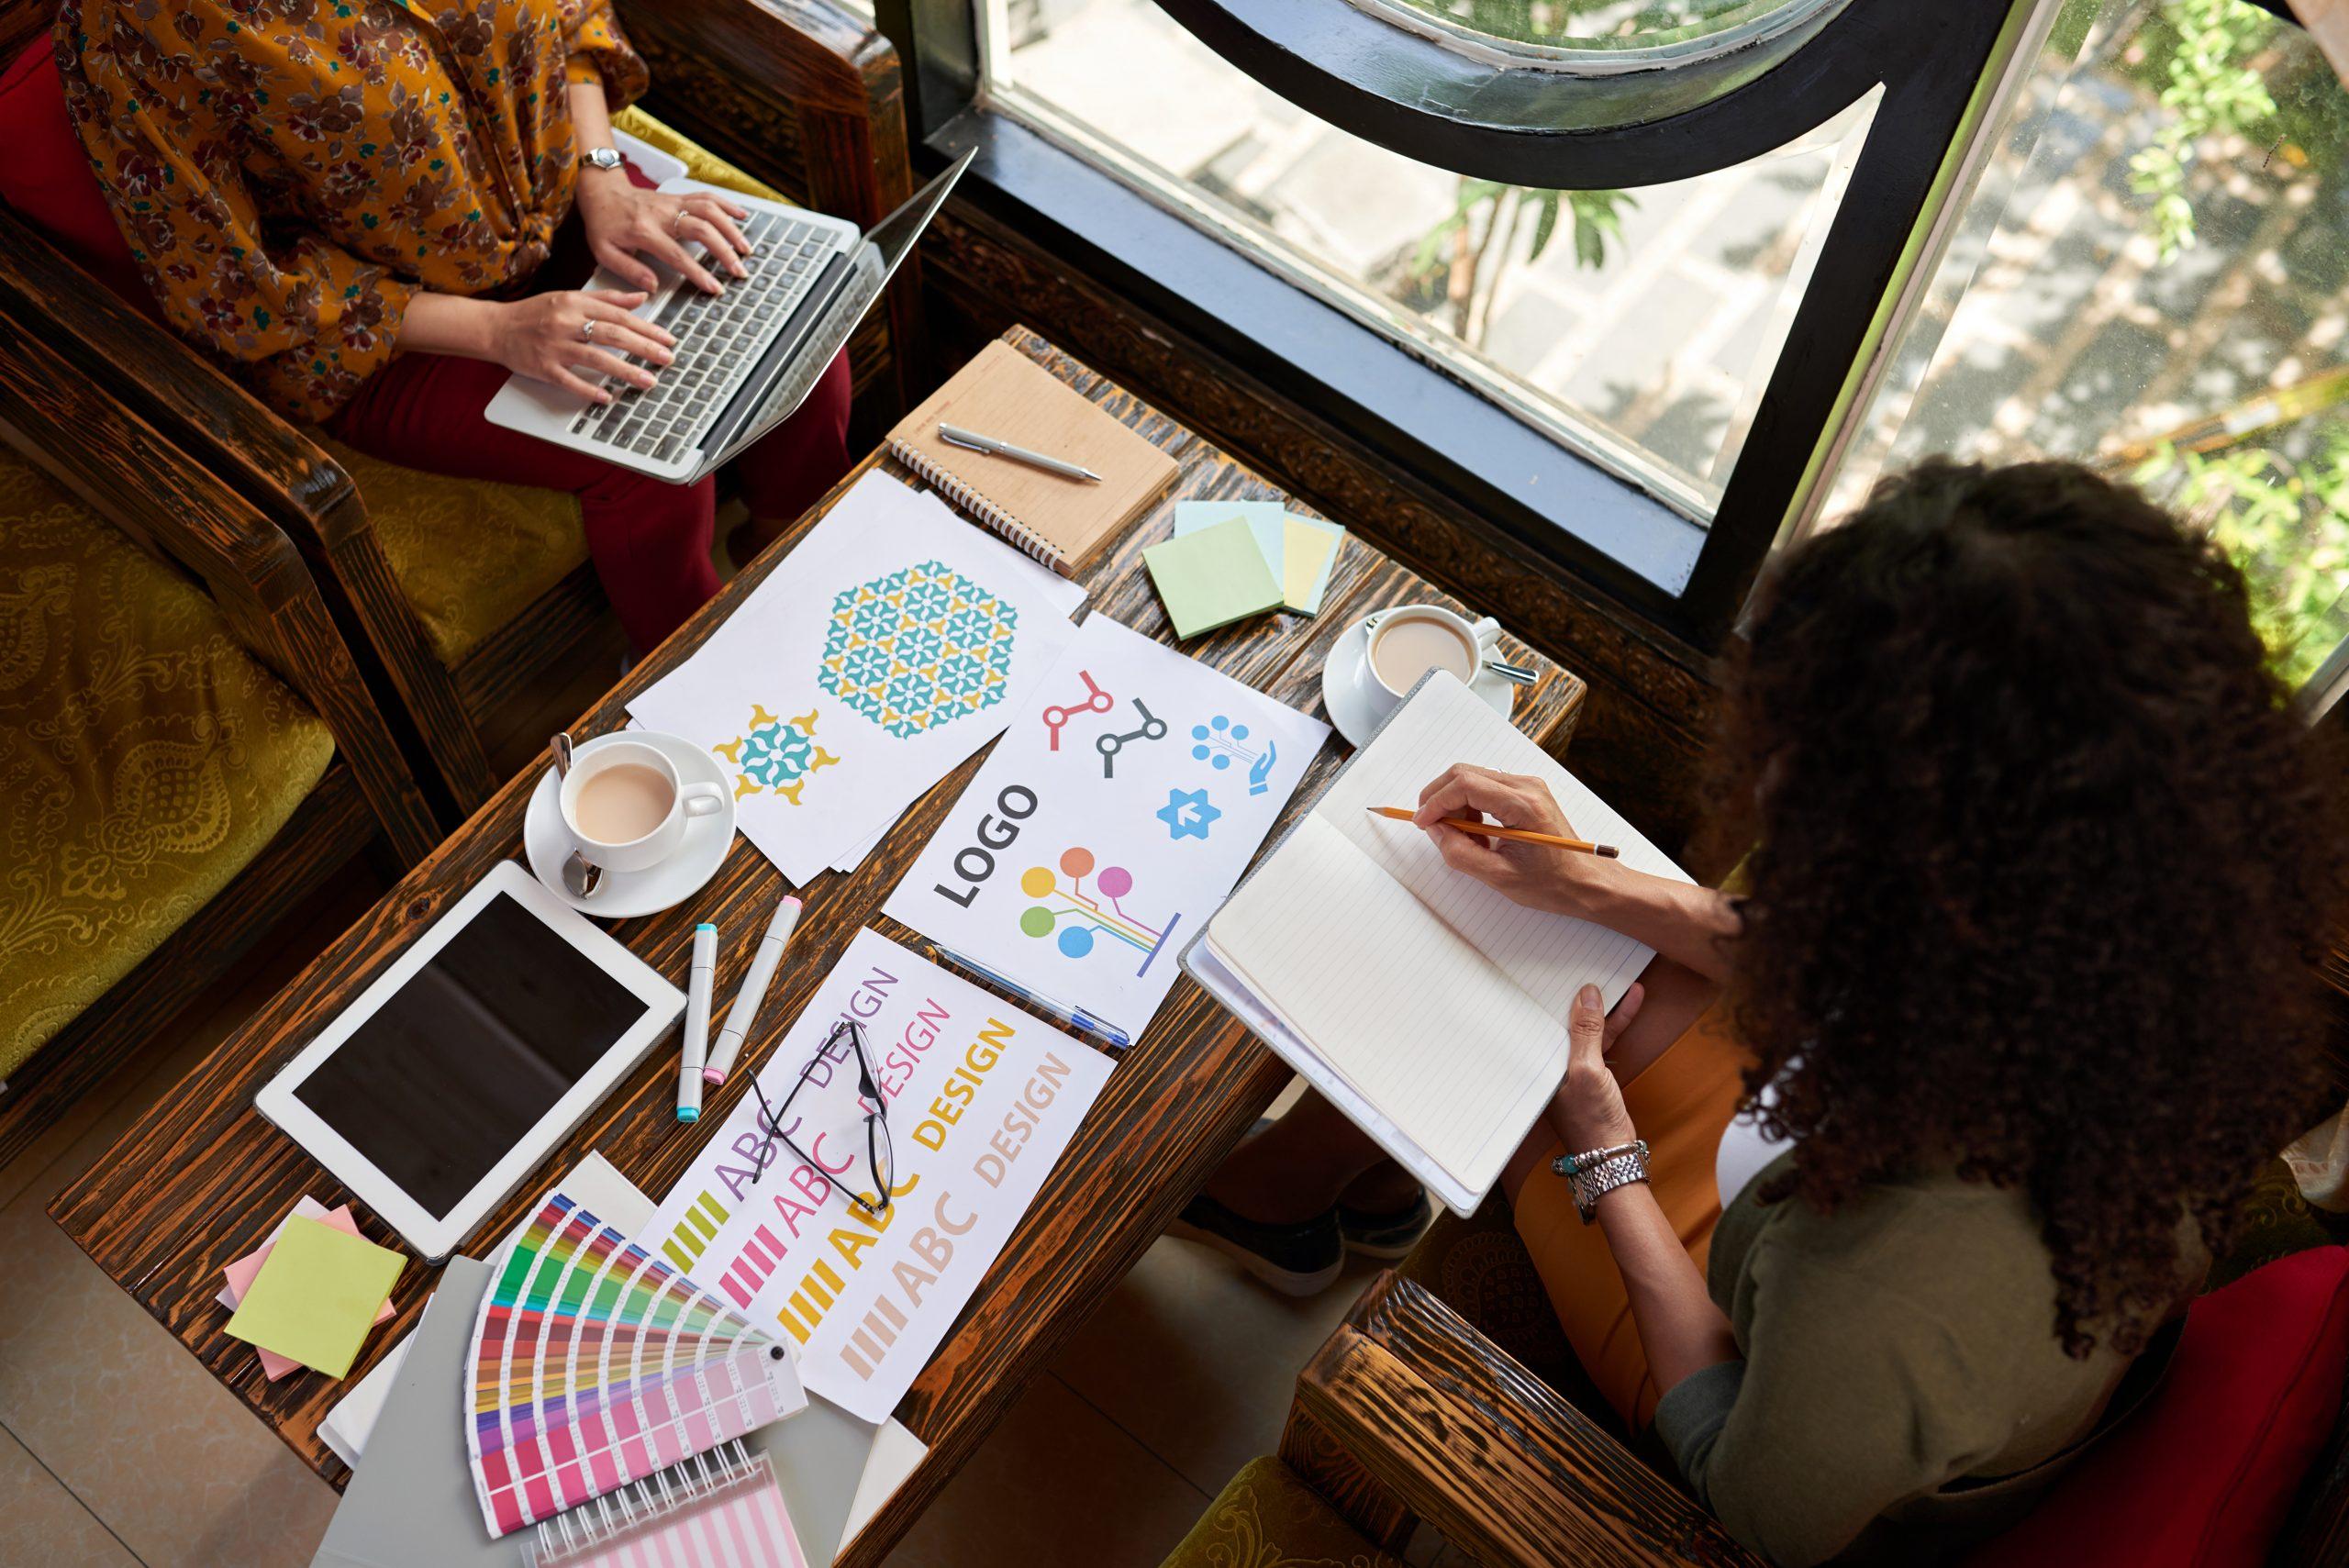 Logo Tasarımı Yapılırken Dikkat Edilmesi Gereken 5 Önemli Etken